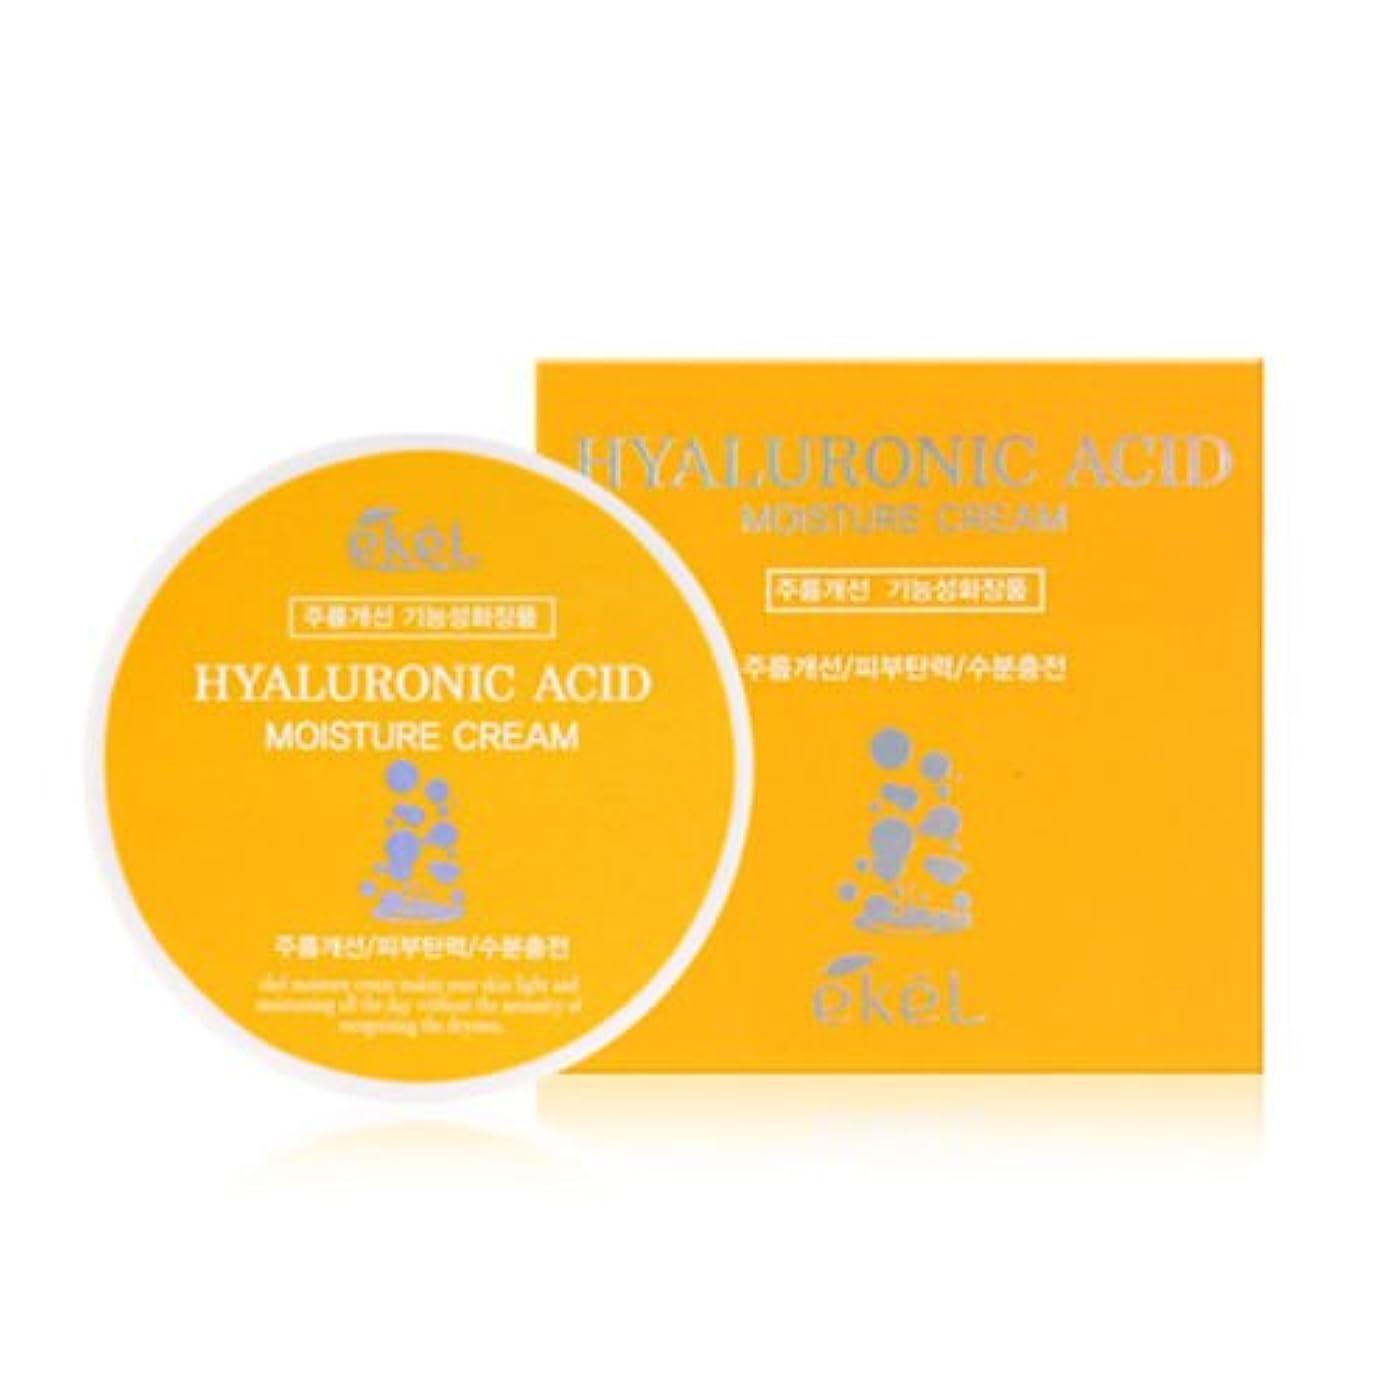 タオル良心ジョイントイケル[韓国コスメEkel]Hyaluronic acid Moisture Cream ヒアルロン酸モイスチャークリーム100g [並行輸入品]